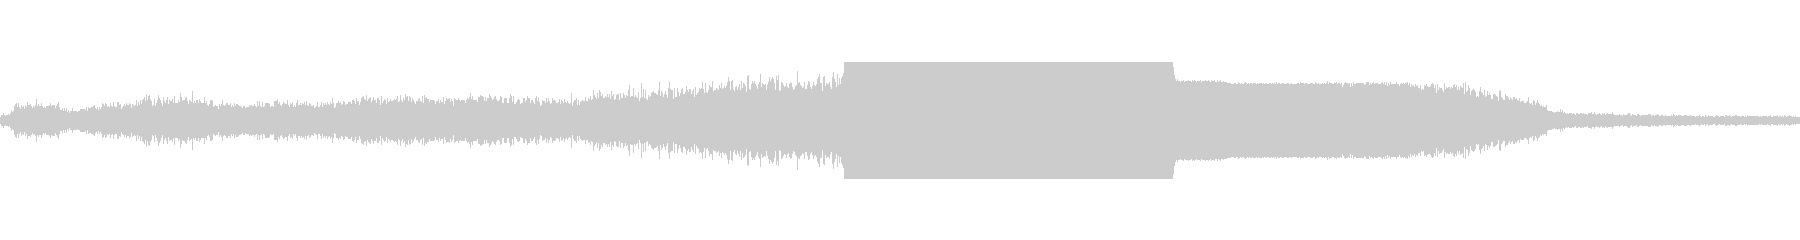 トーチブロー火炎切断hの未再生の波形